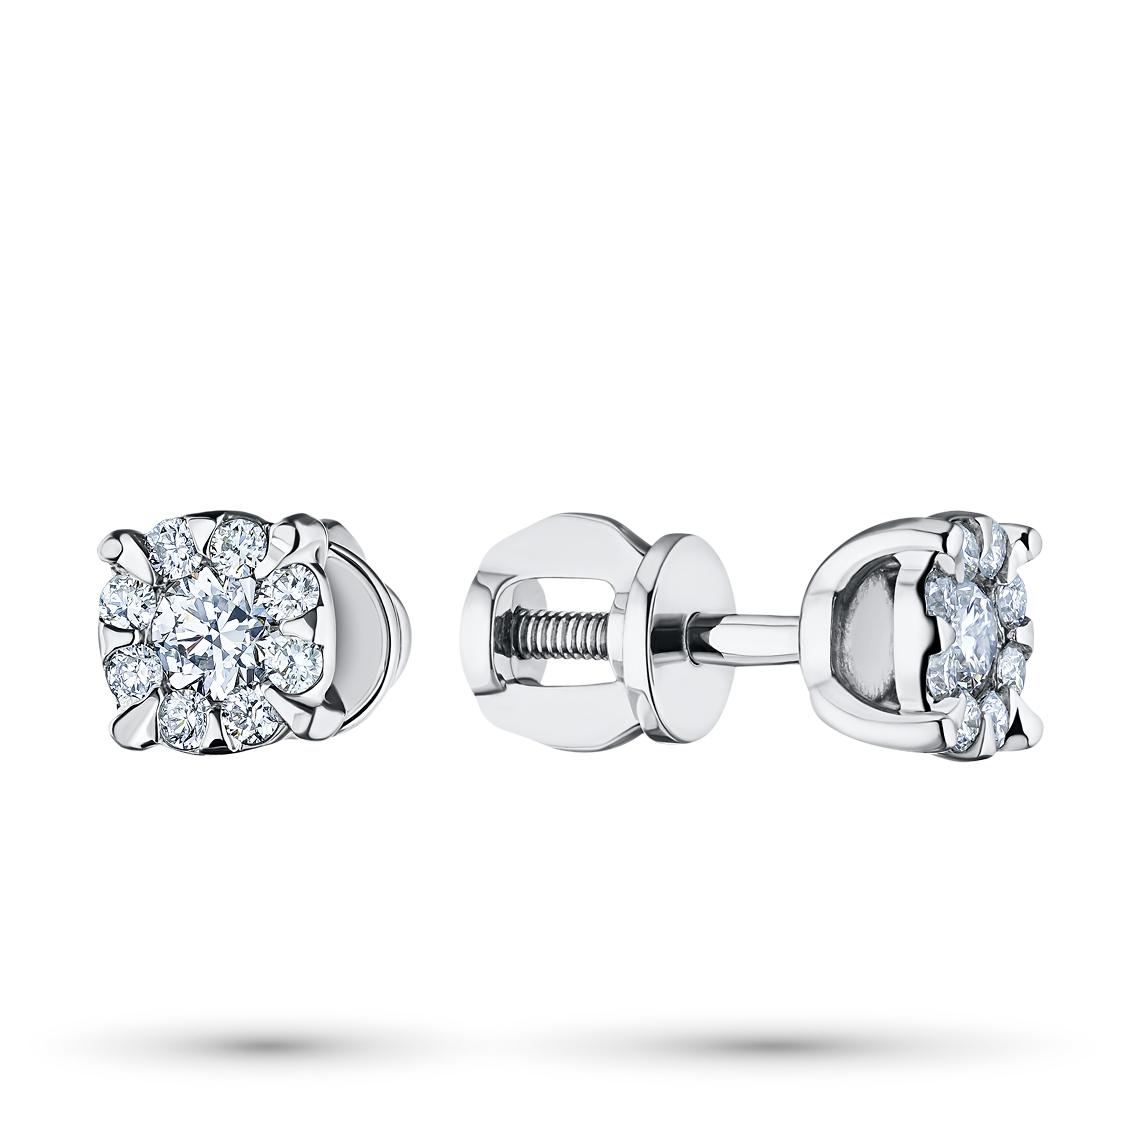 Пусеты из белого золота с бриллиантами э0901пс10153800 фото